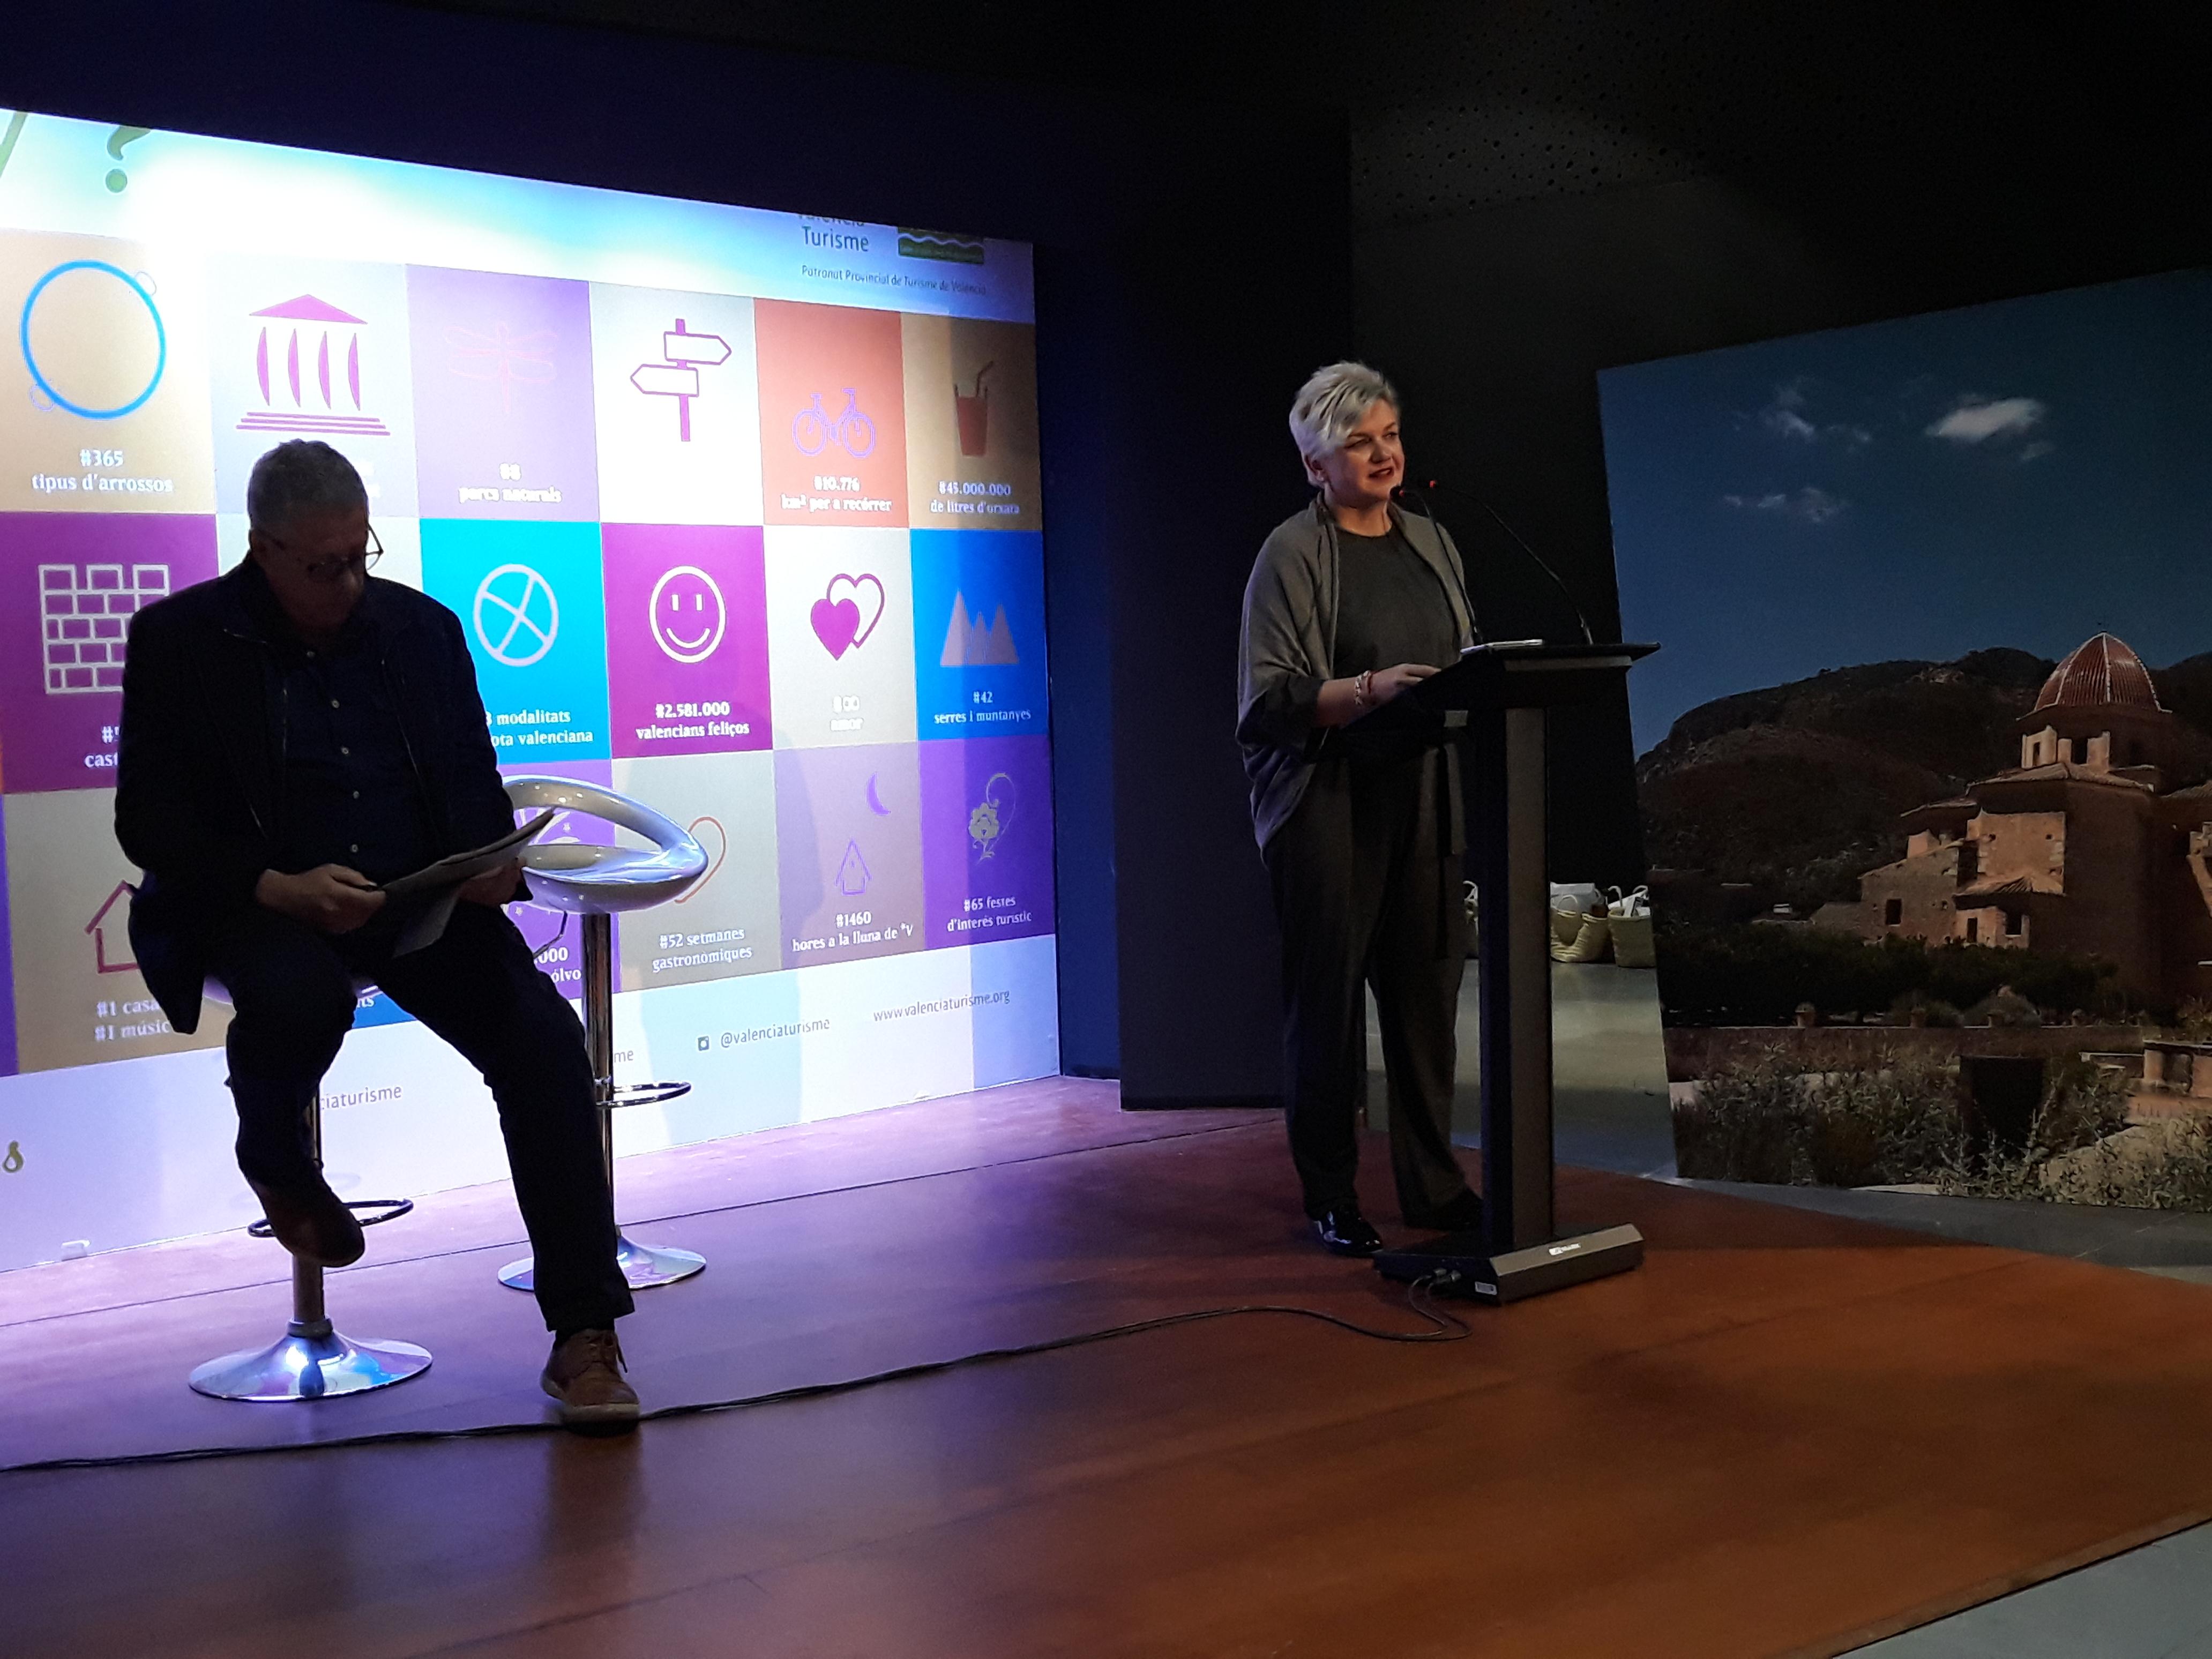 La diputada de Turismo de la Diputación ha hecho balance de gestión de los ejercicios 2015-2018 en un desayuno con medios de comunicación.